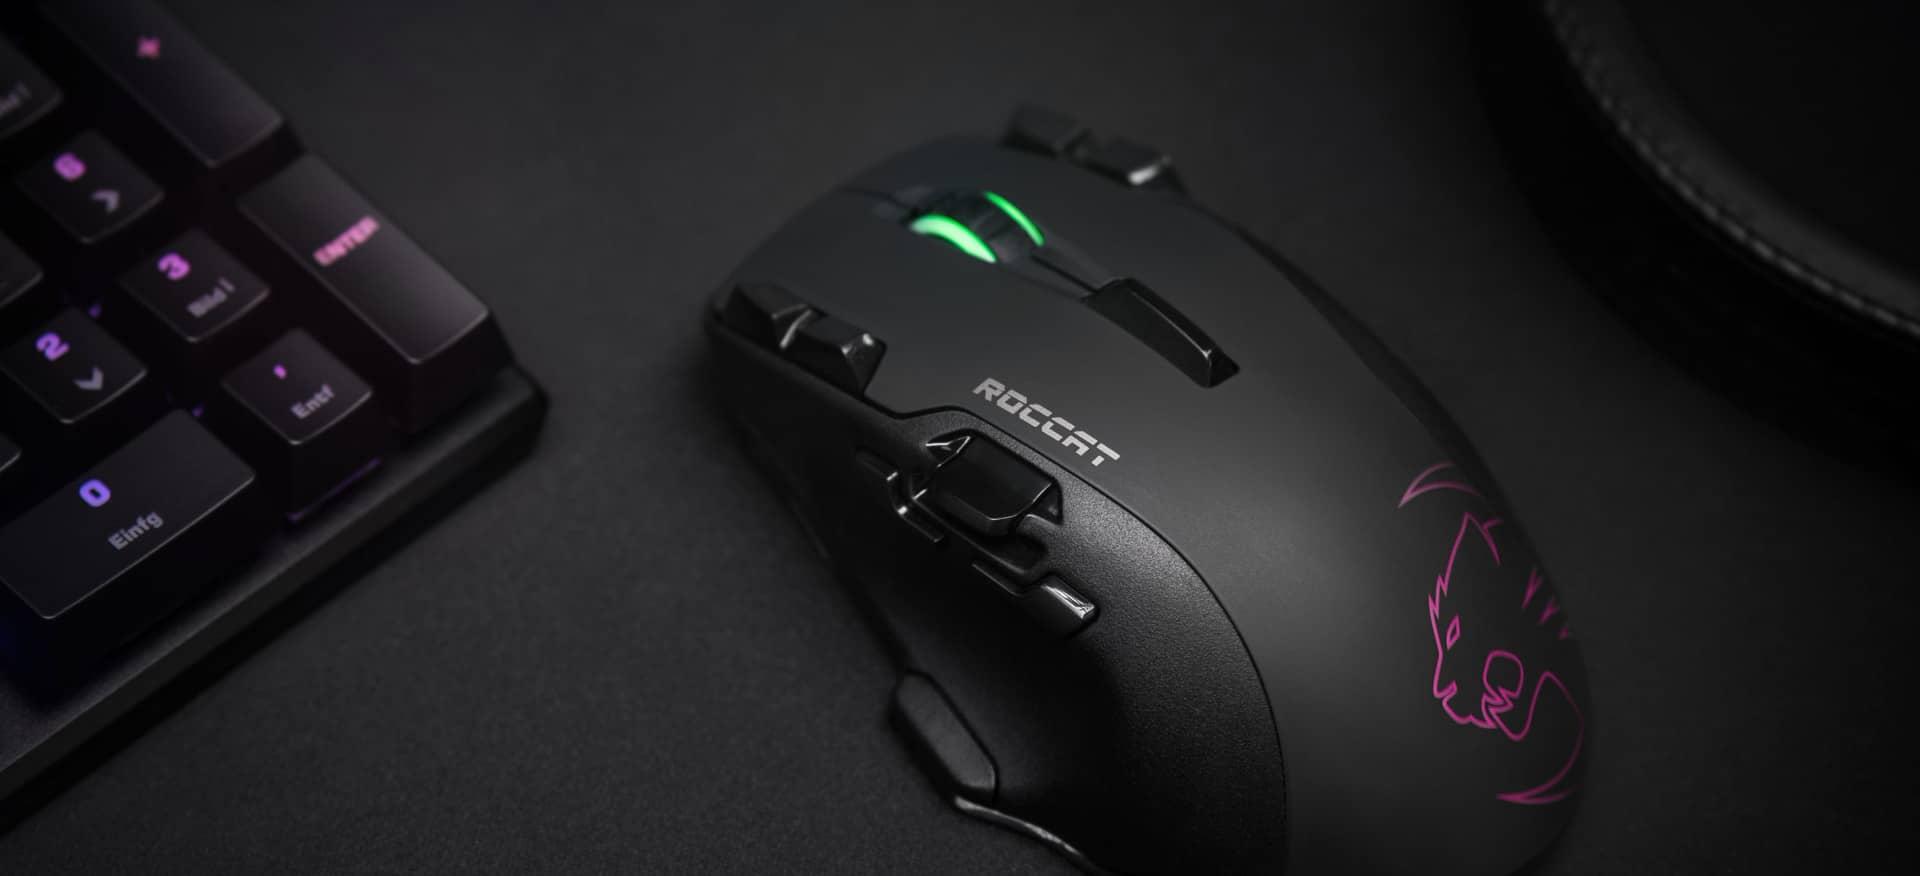 ROCCAT Leadr mouse